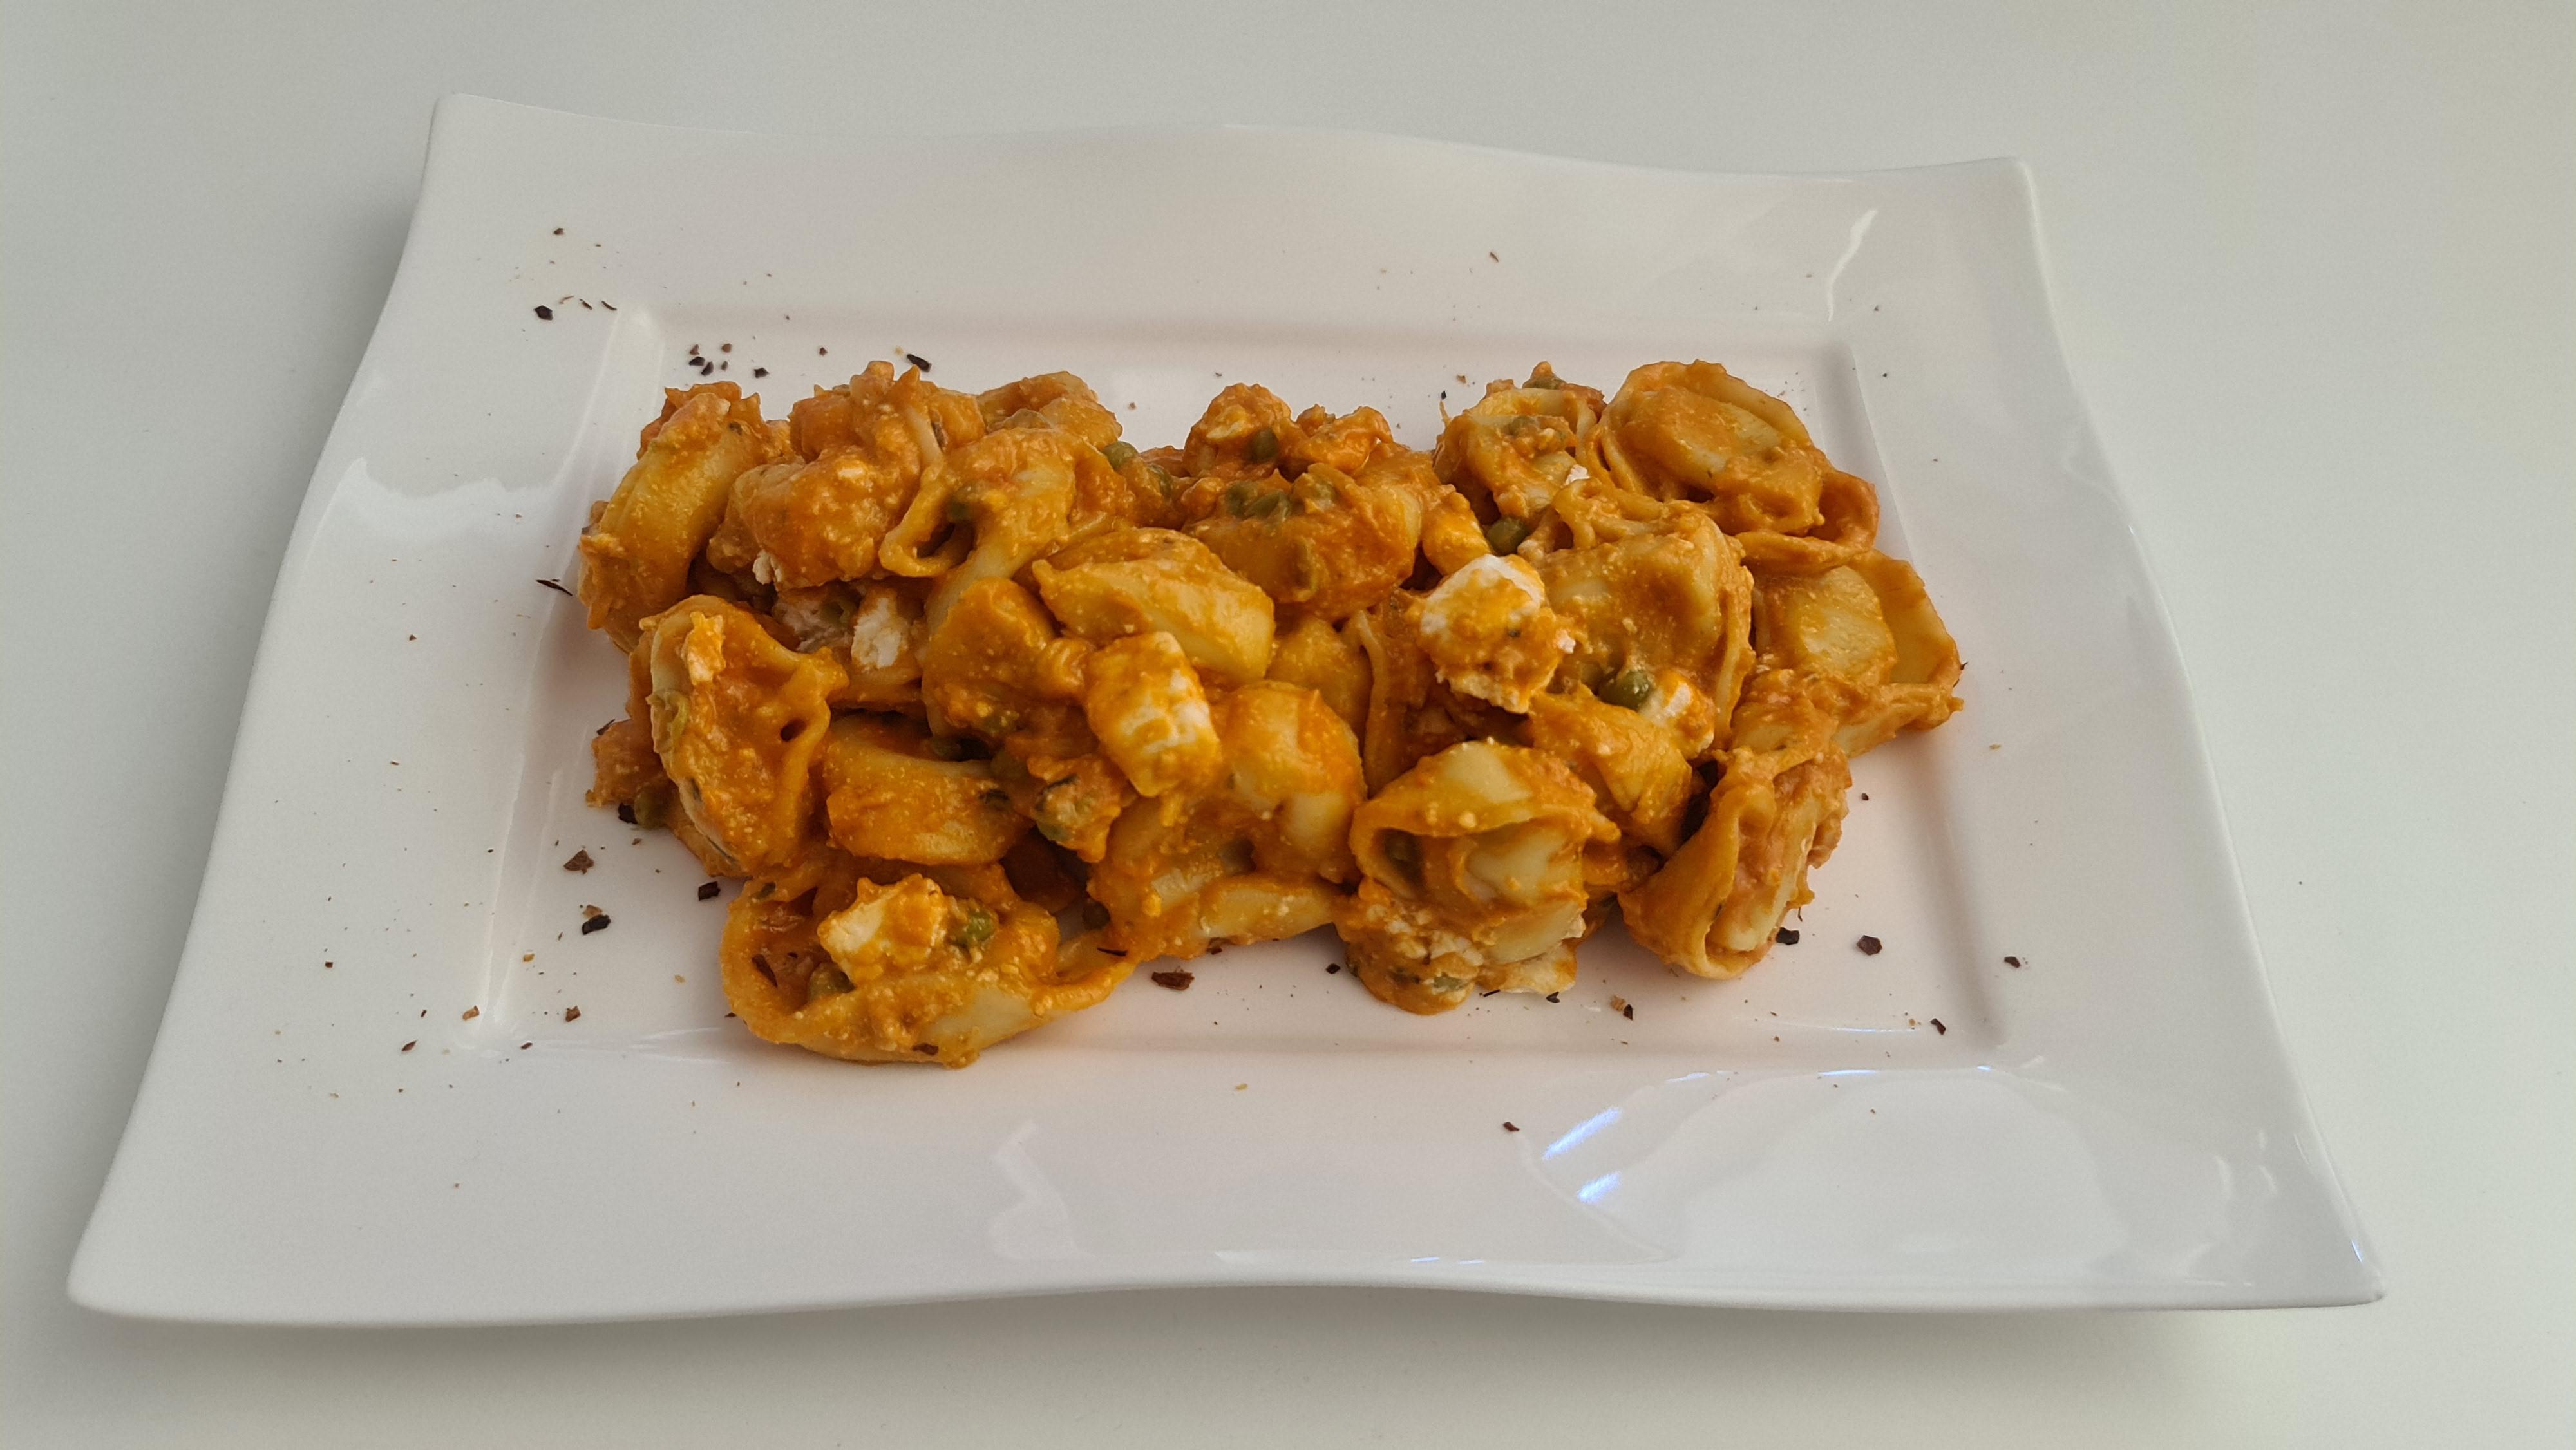 https://foodloader.net/Holz_2020-09-08_Tortelloni_Quattro_Formaggi_Rosso.jpg